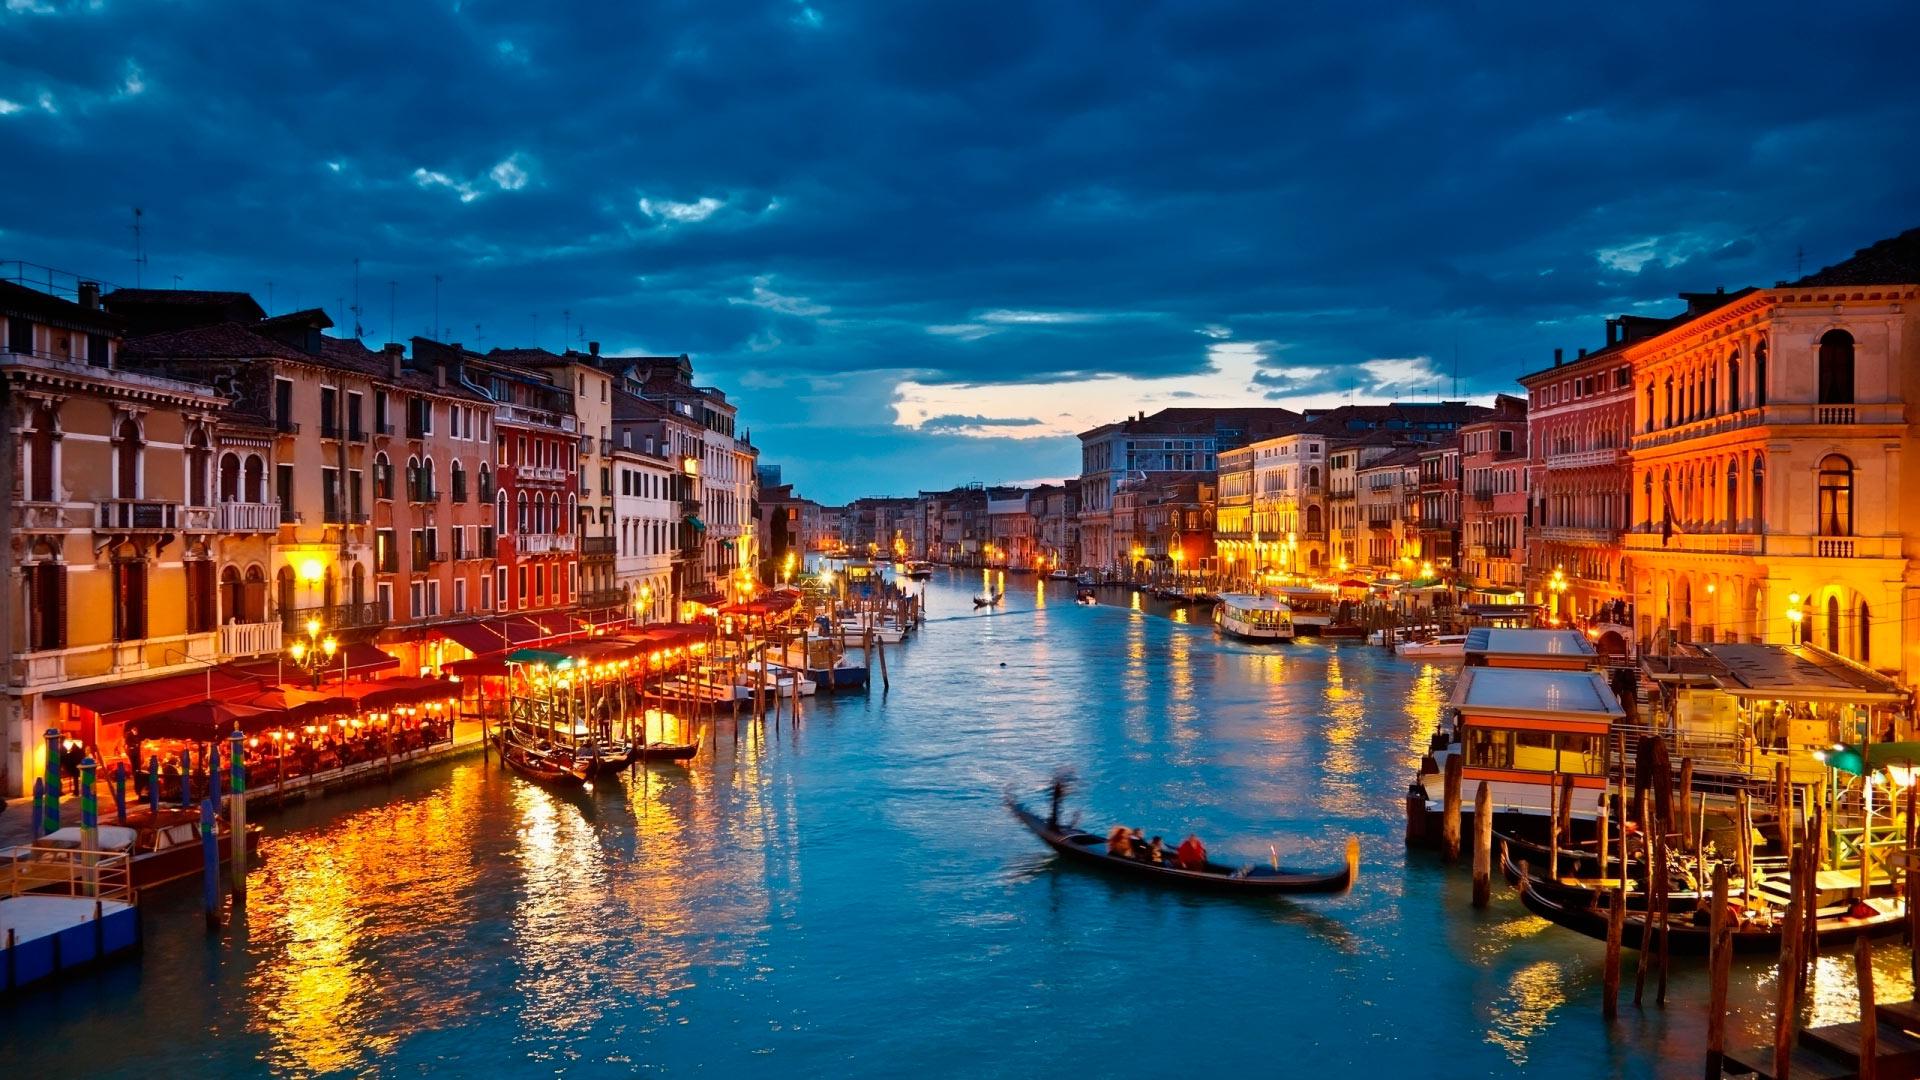 Italy_venice-city